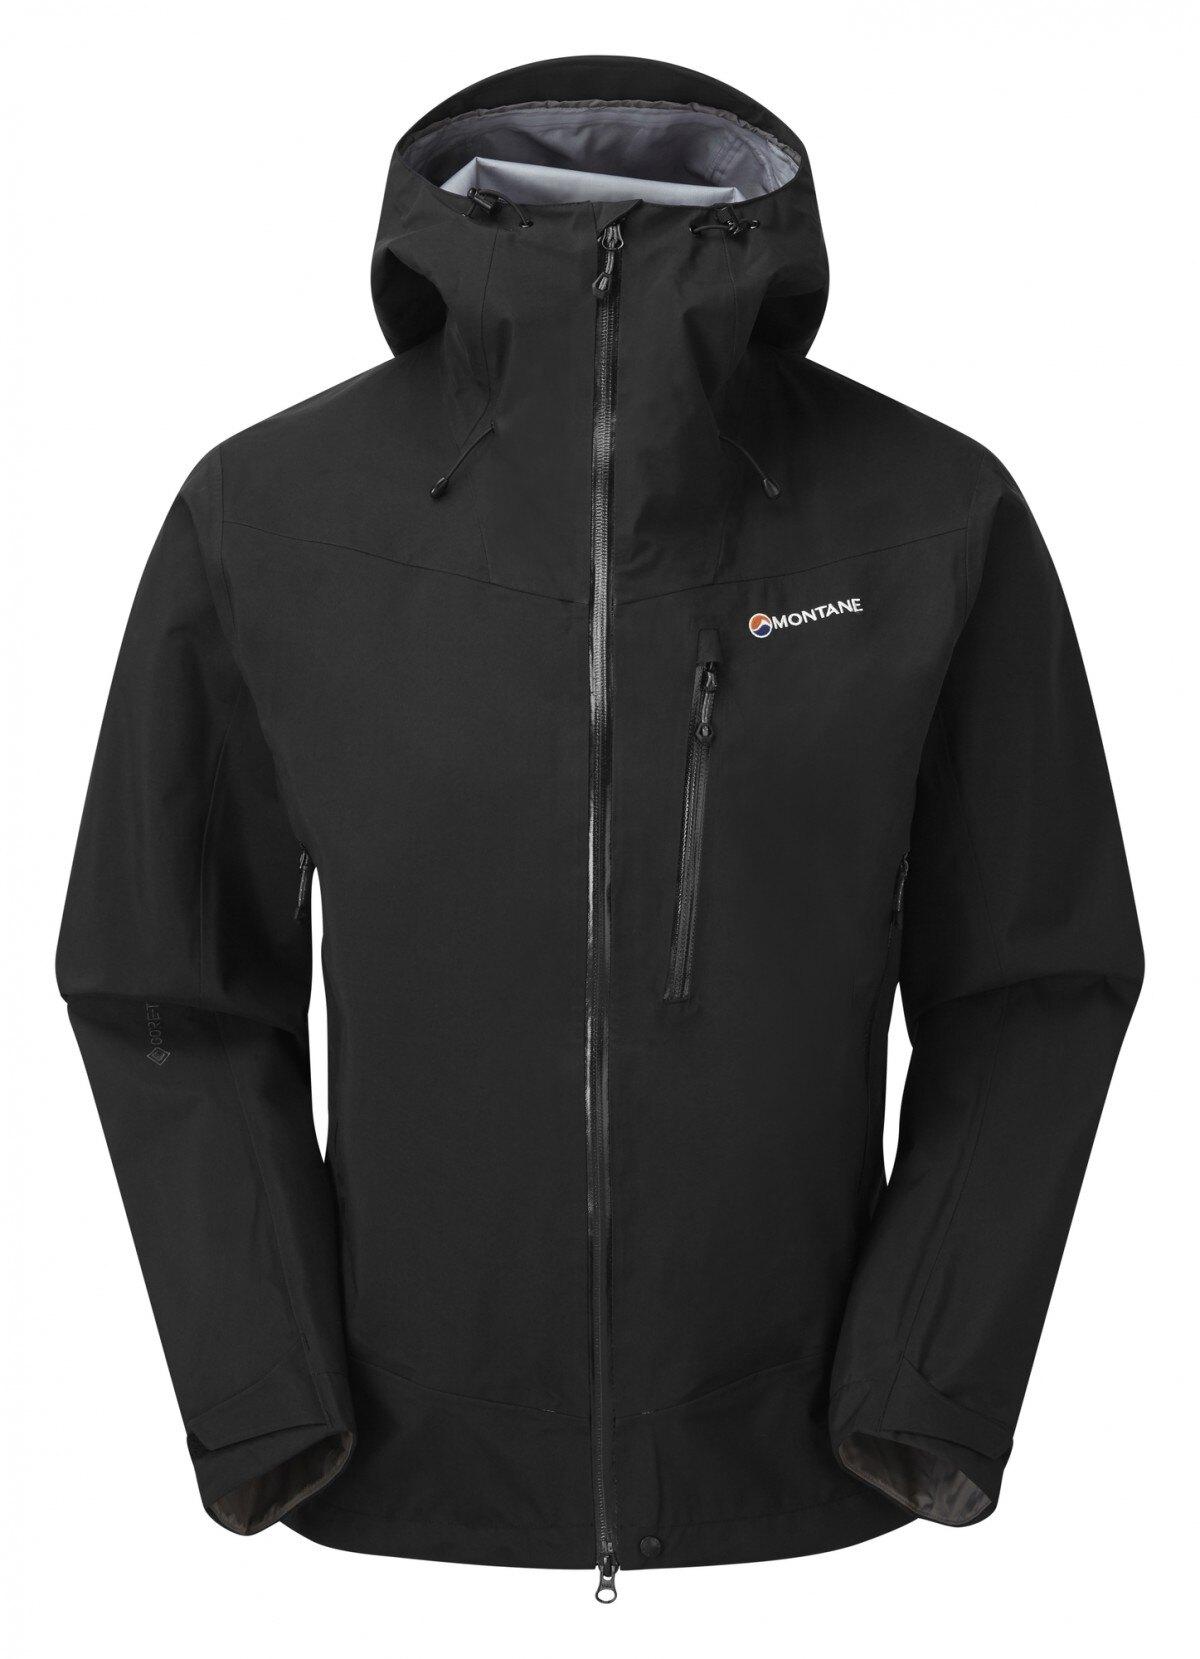 Bunda Alpine Spirit Gore-Tex® Montane® – Čierna (Farba: Čierna, Veľkosť: XL)